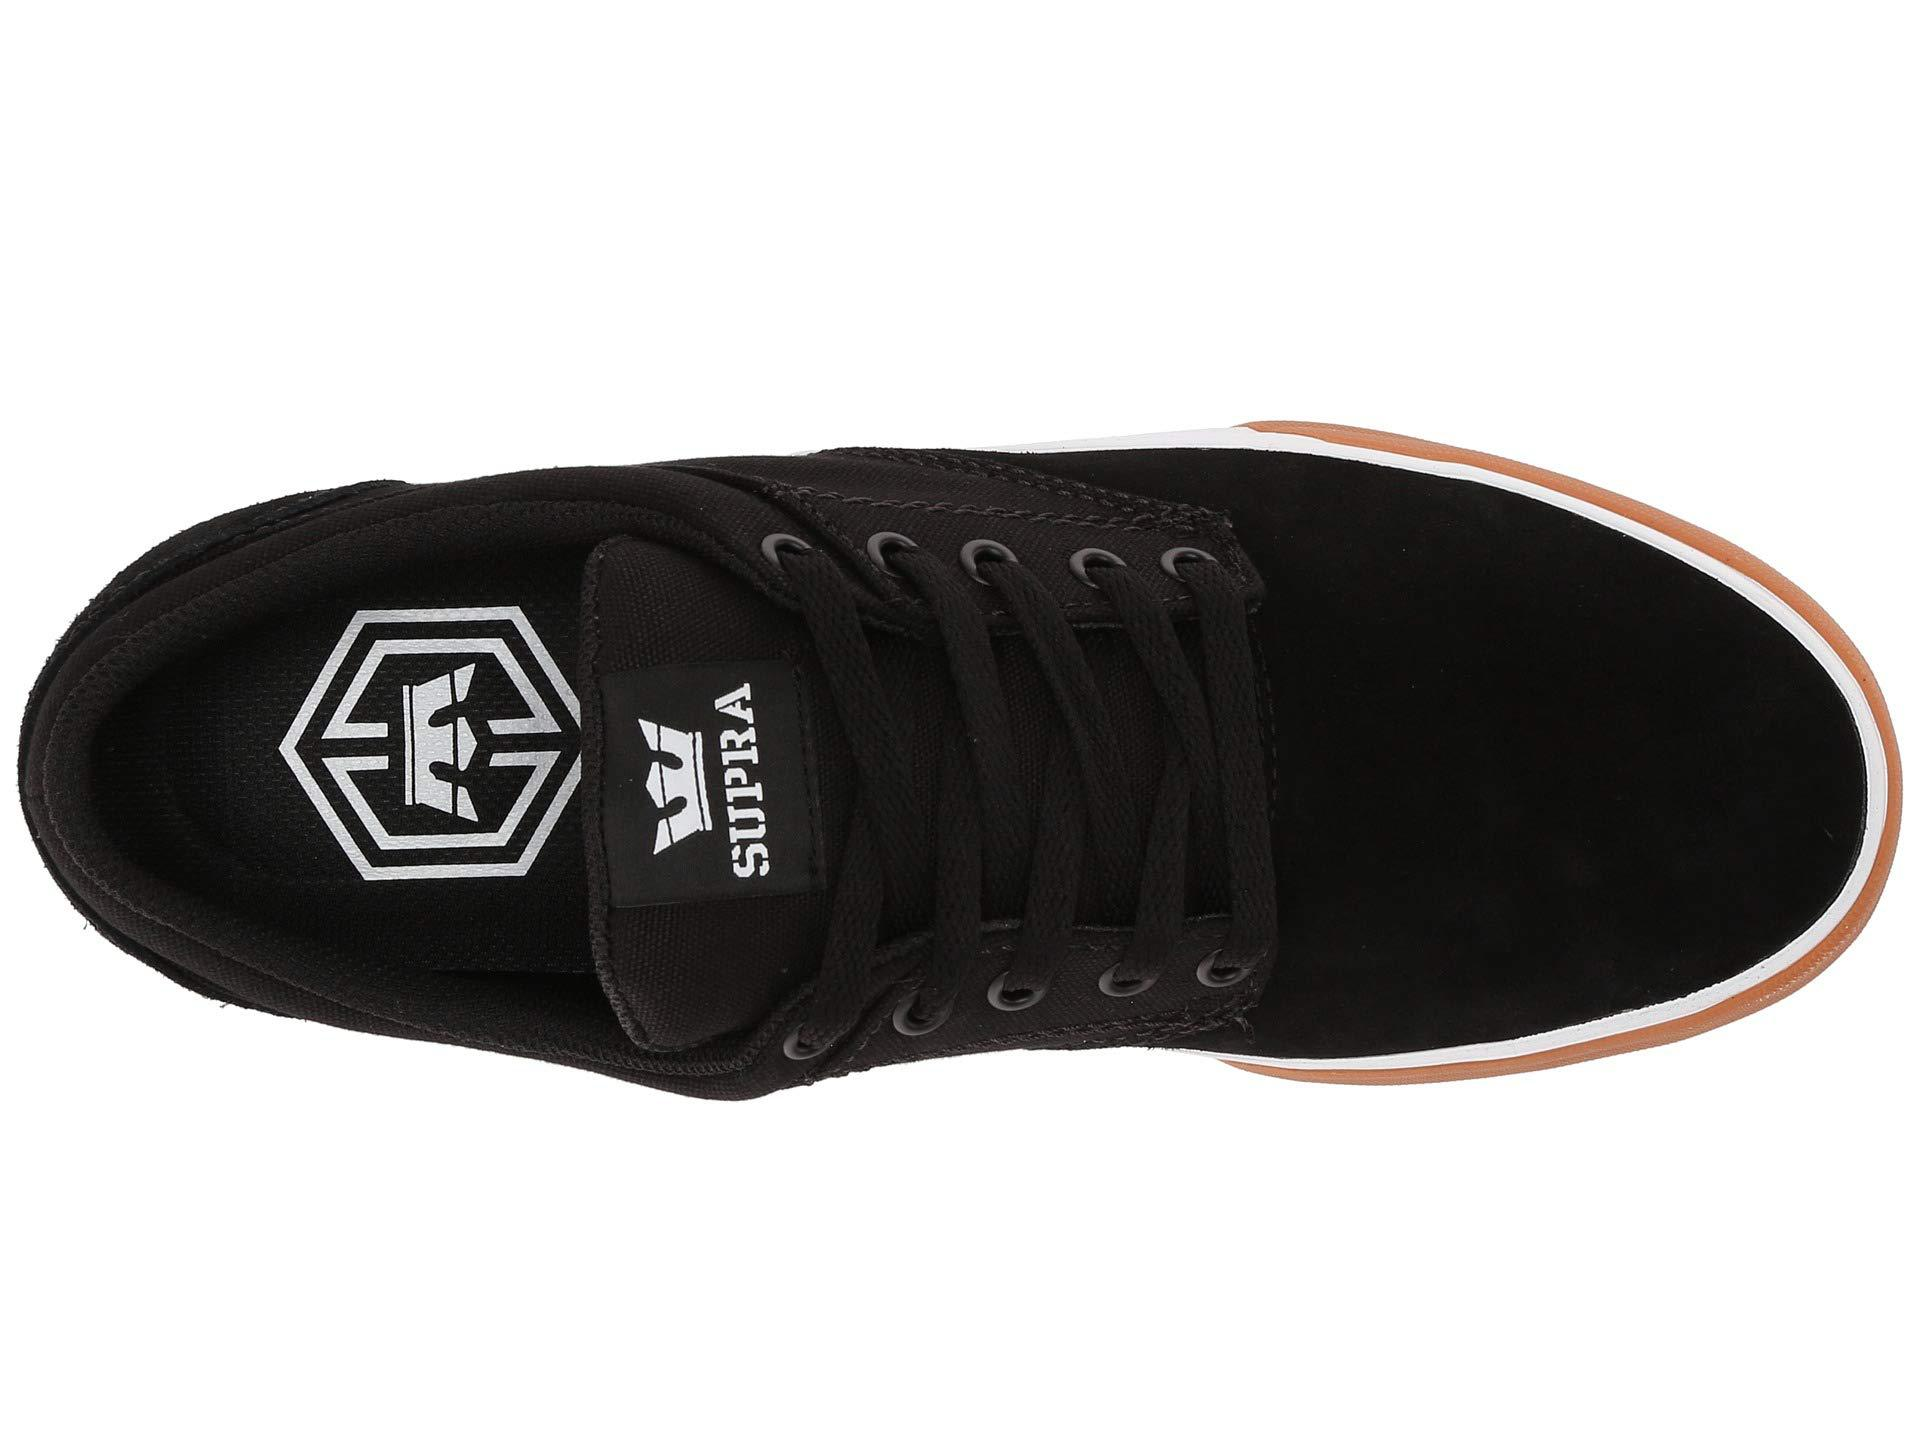 ecc5329fc941 Lyst - Supra Chino (black white gum) Men s Skate Shoes in Gray for Men